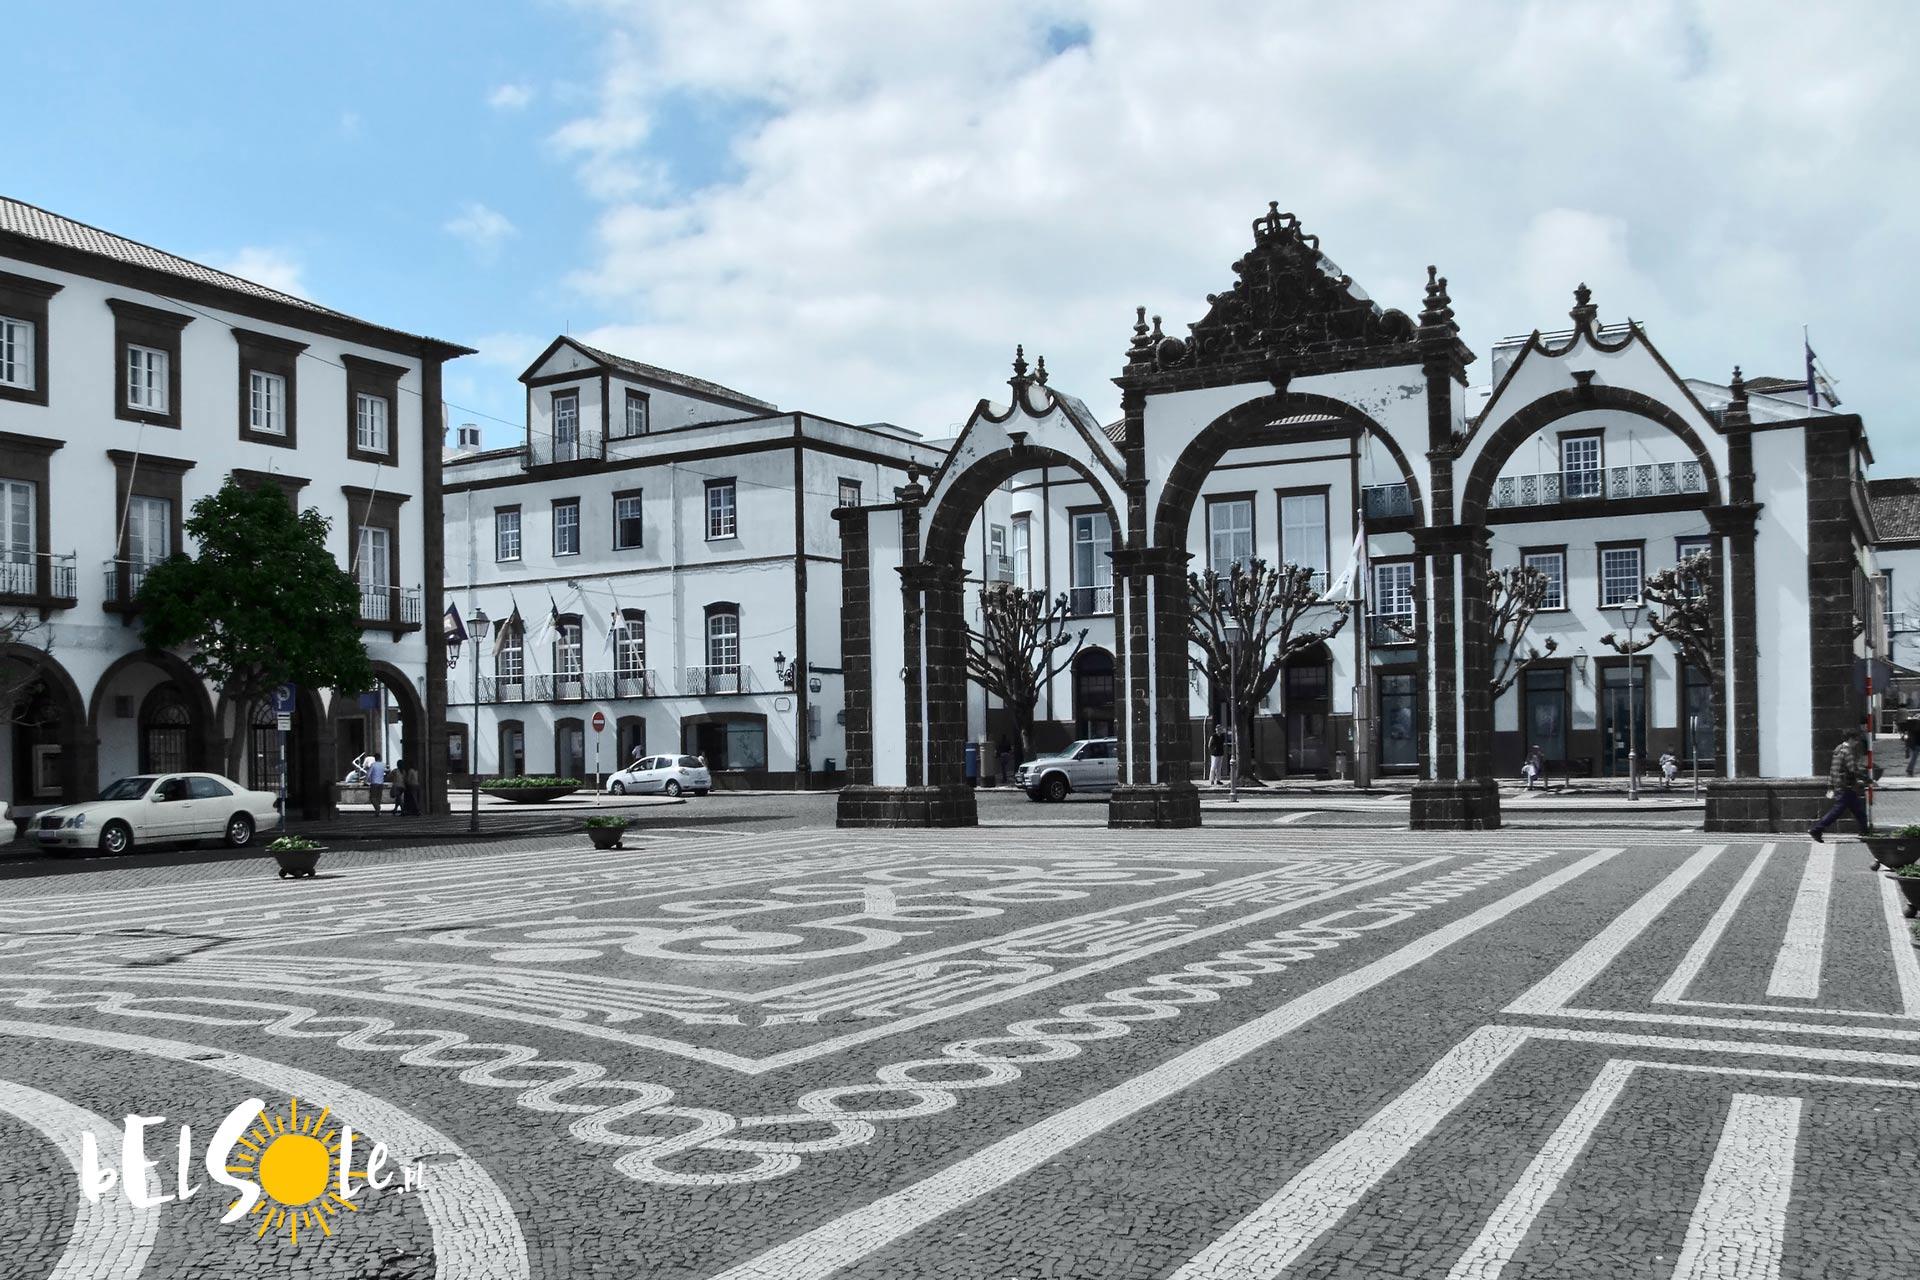 Bramy Ponta Delgada